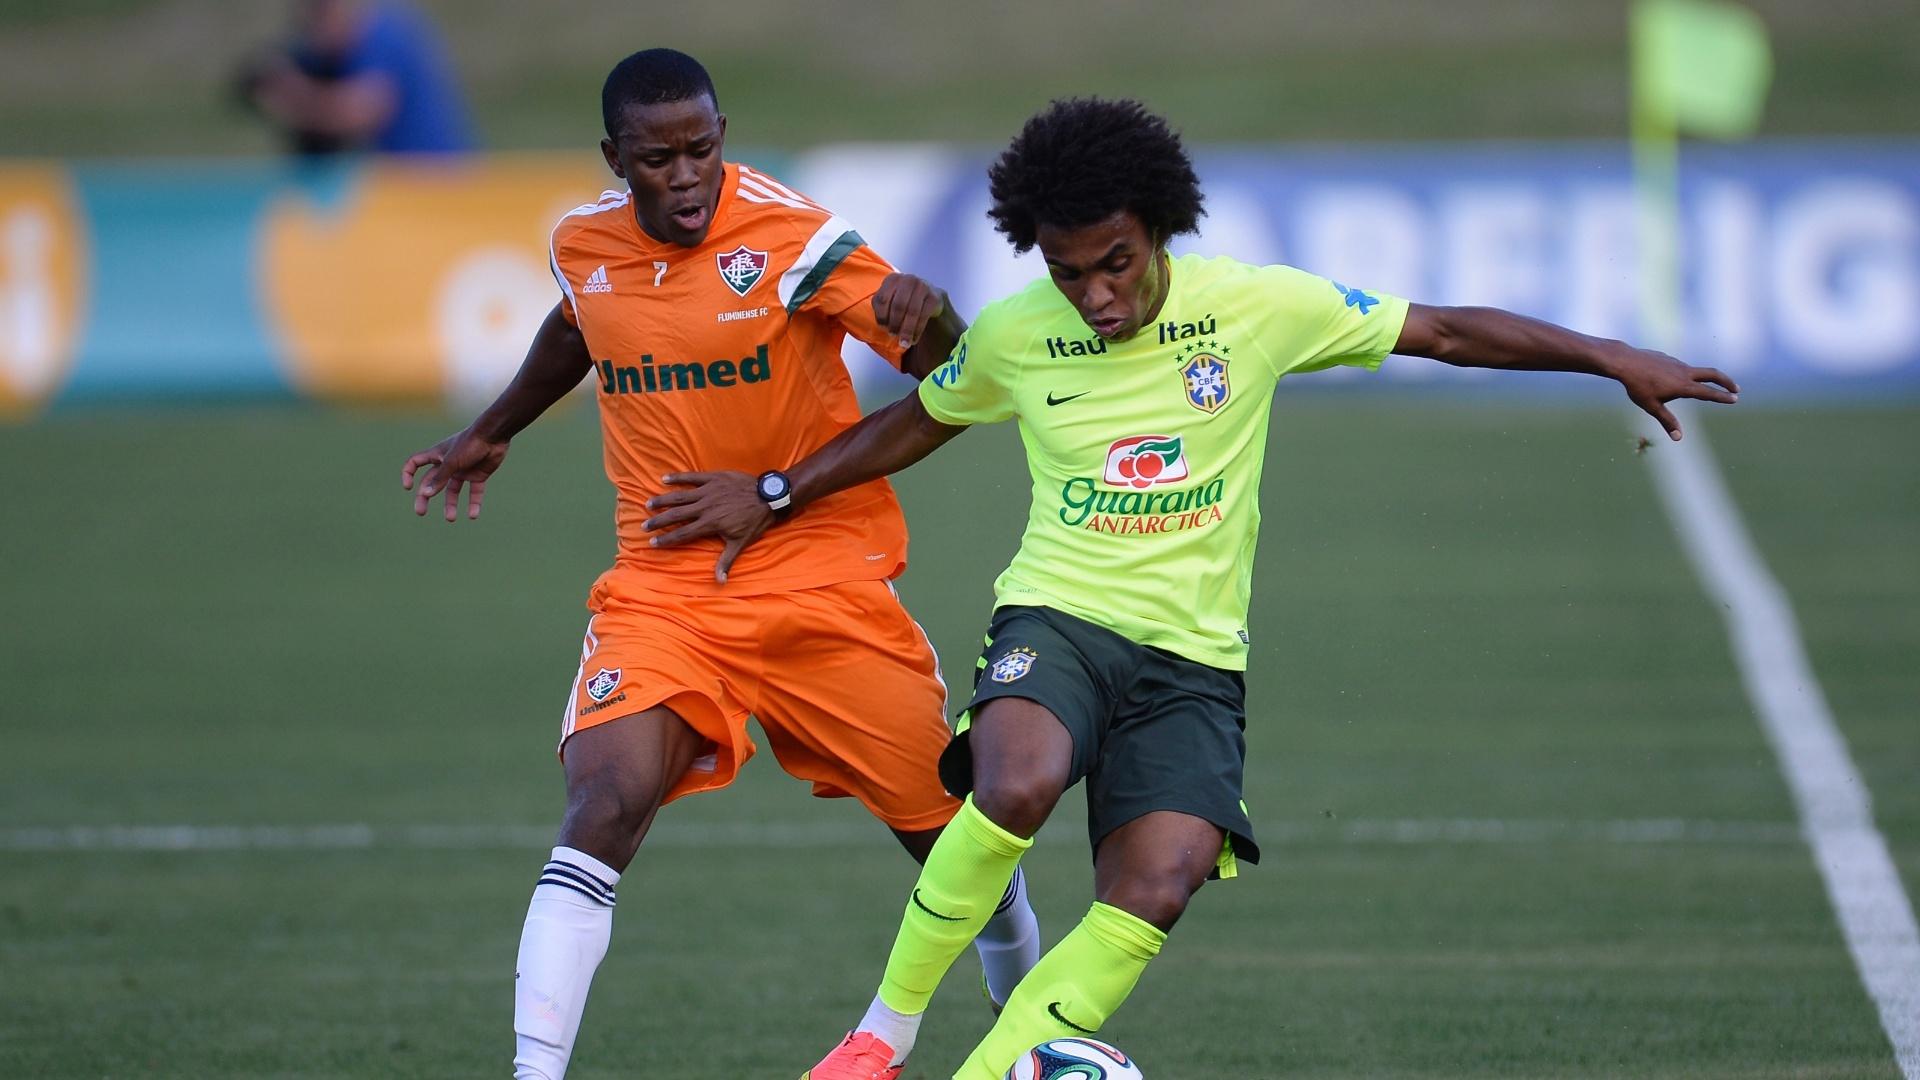 06.jul.2014 - Possível substituto de Neymar, Willian encara a marcação do time sub-20 do Fluminense durante treino dos reservas da seleção